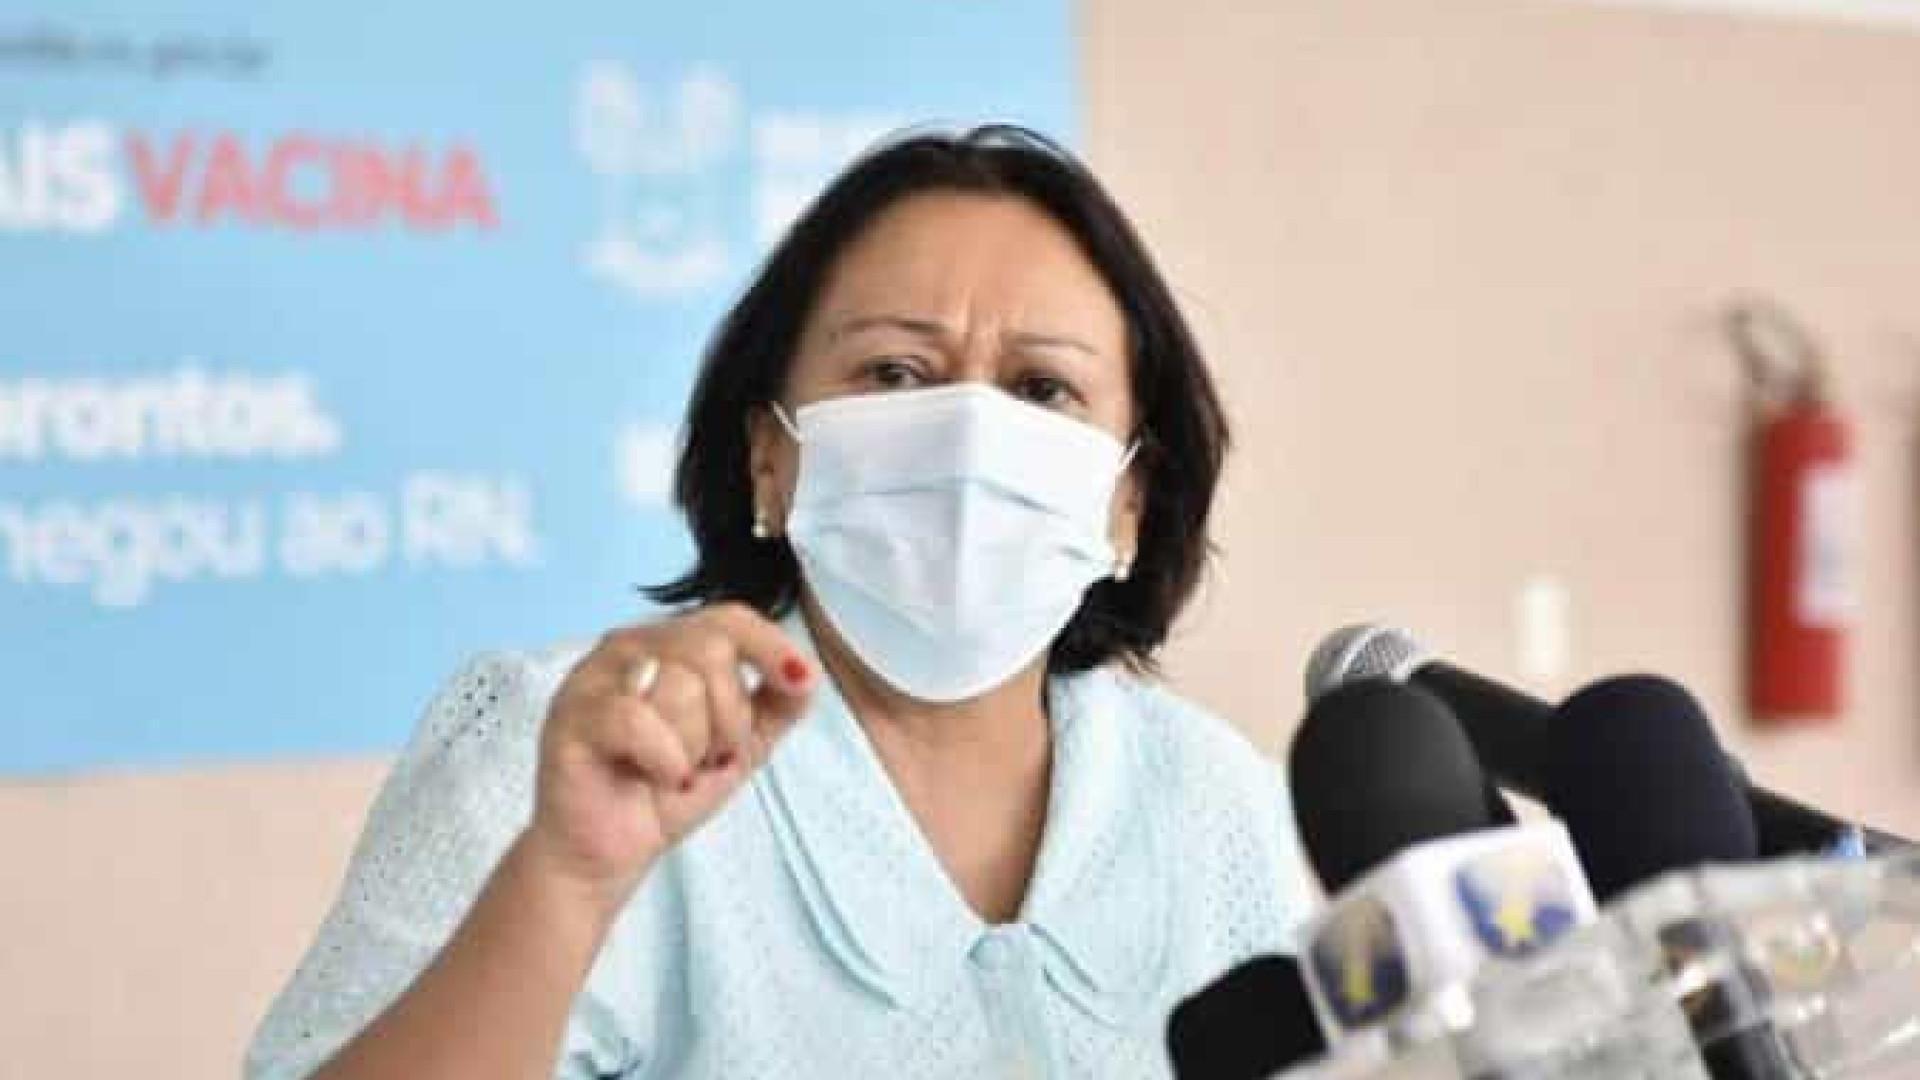 Governadora do RN chora ao anunciar medidas mais restritivas contra a covid-19